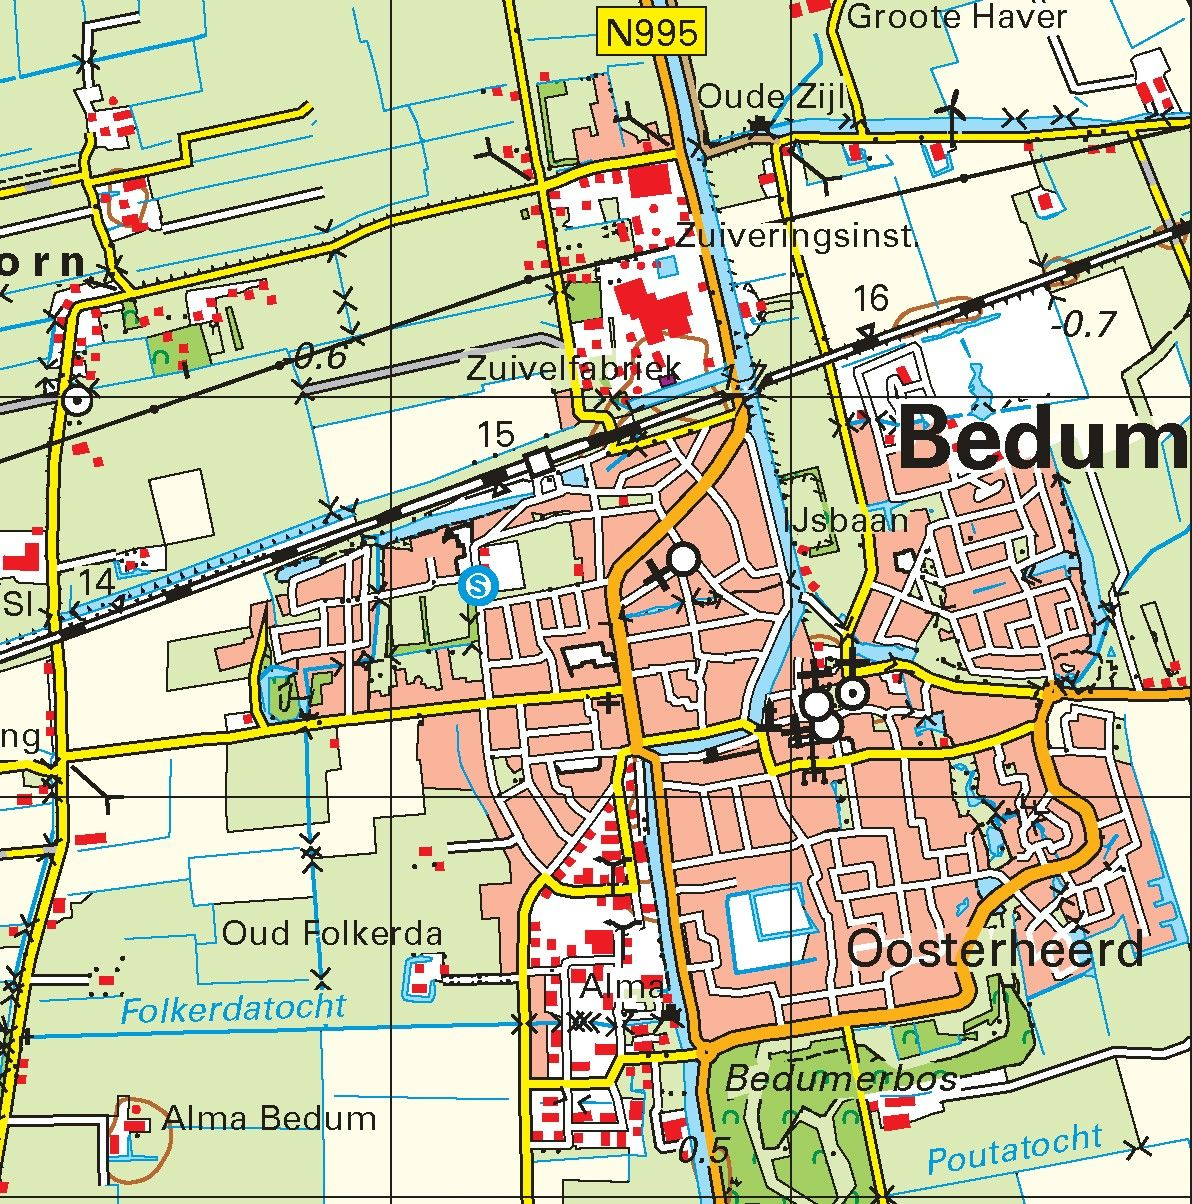 Topografische kaart schaal 1:50.000 (Delfzijl, Winsum, Groningen)